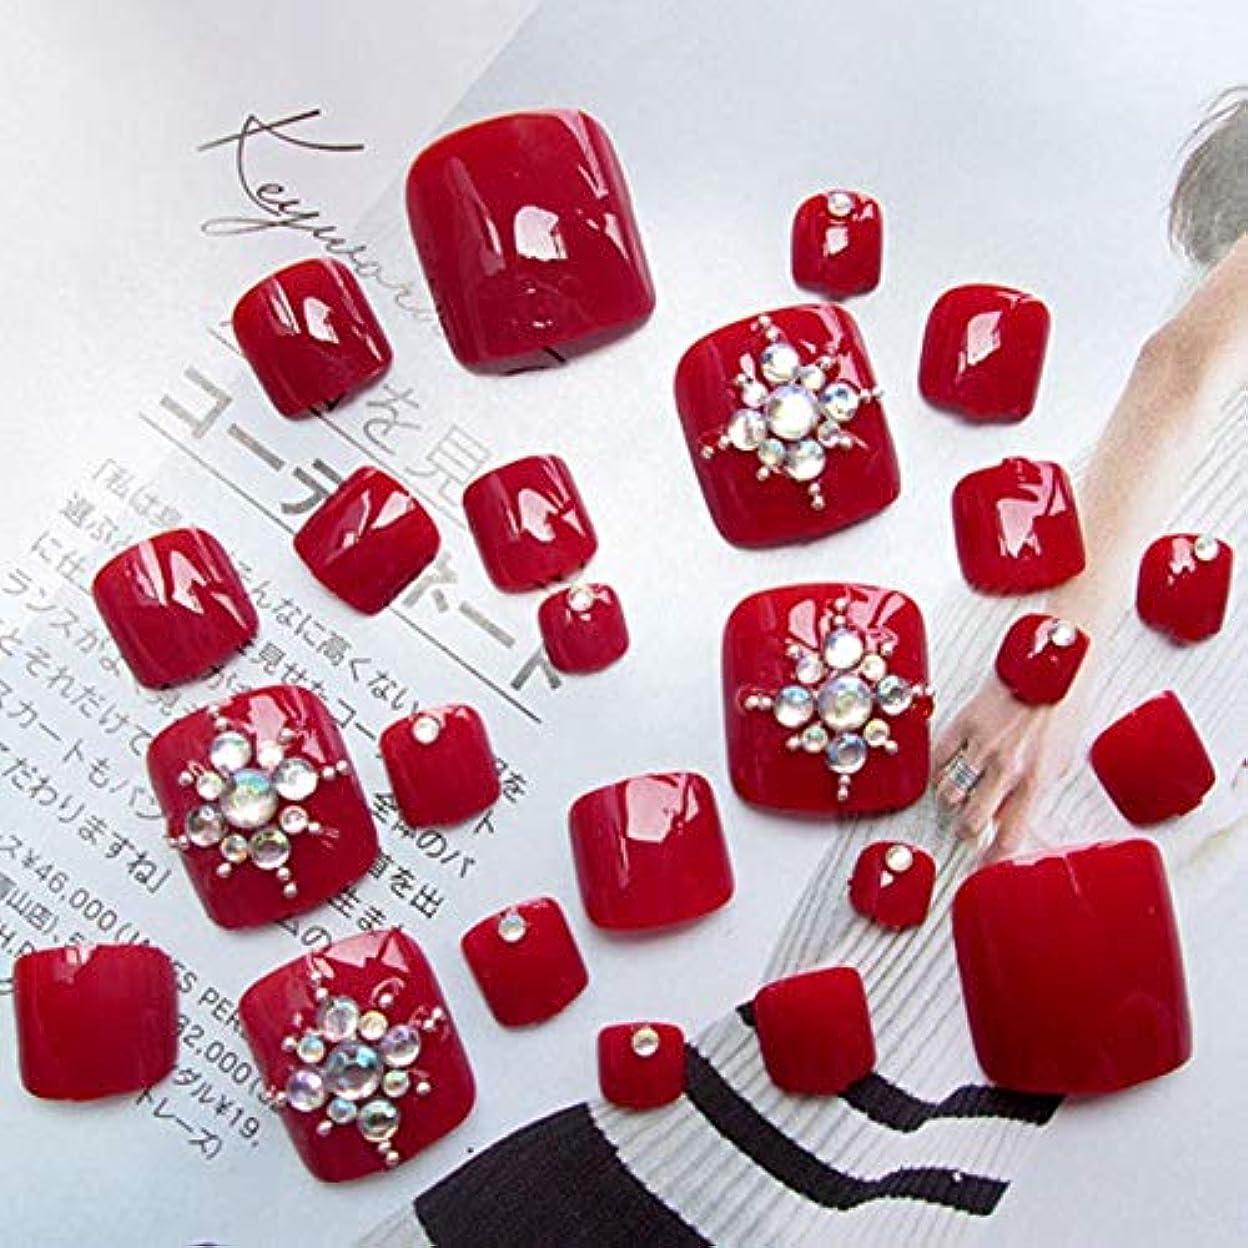 粗いメタリックレイプOU-Kunmlef 特徴24 pcs/セット偽の爪ファッションアクリルUVゲル完全なフランスの偽の爪のヒントマニキュアネイルアートのヒントツール(None Liquor.)